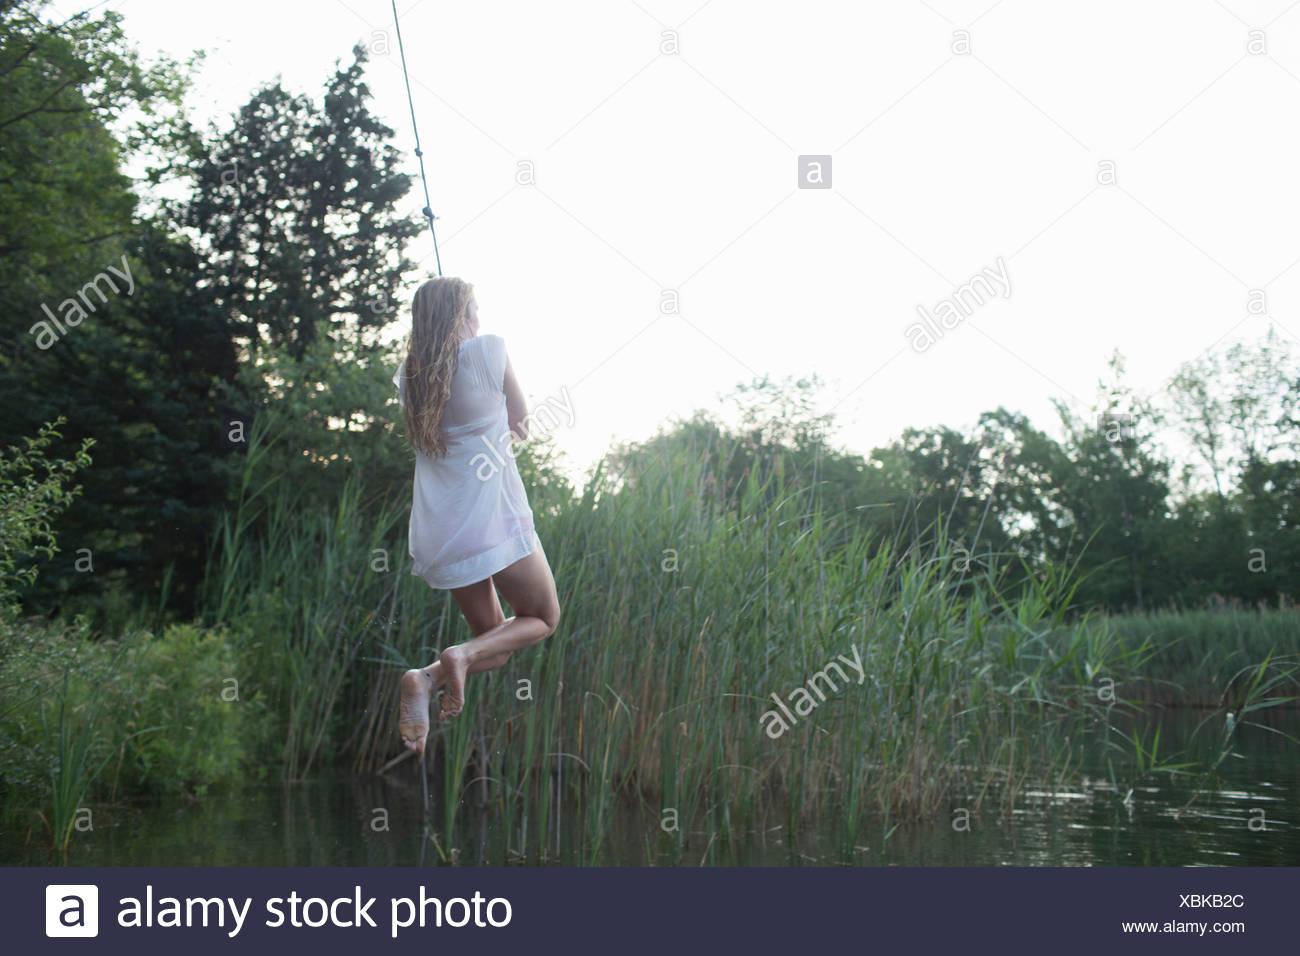 Teenage girl swinging over marshes - Stock Image